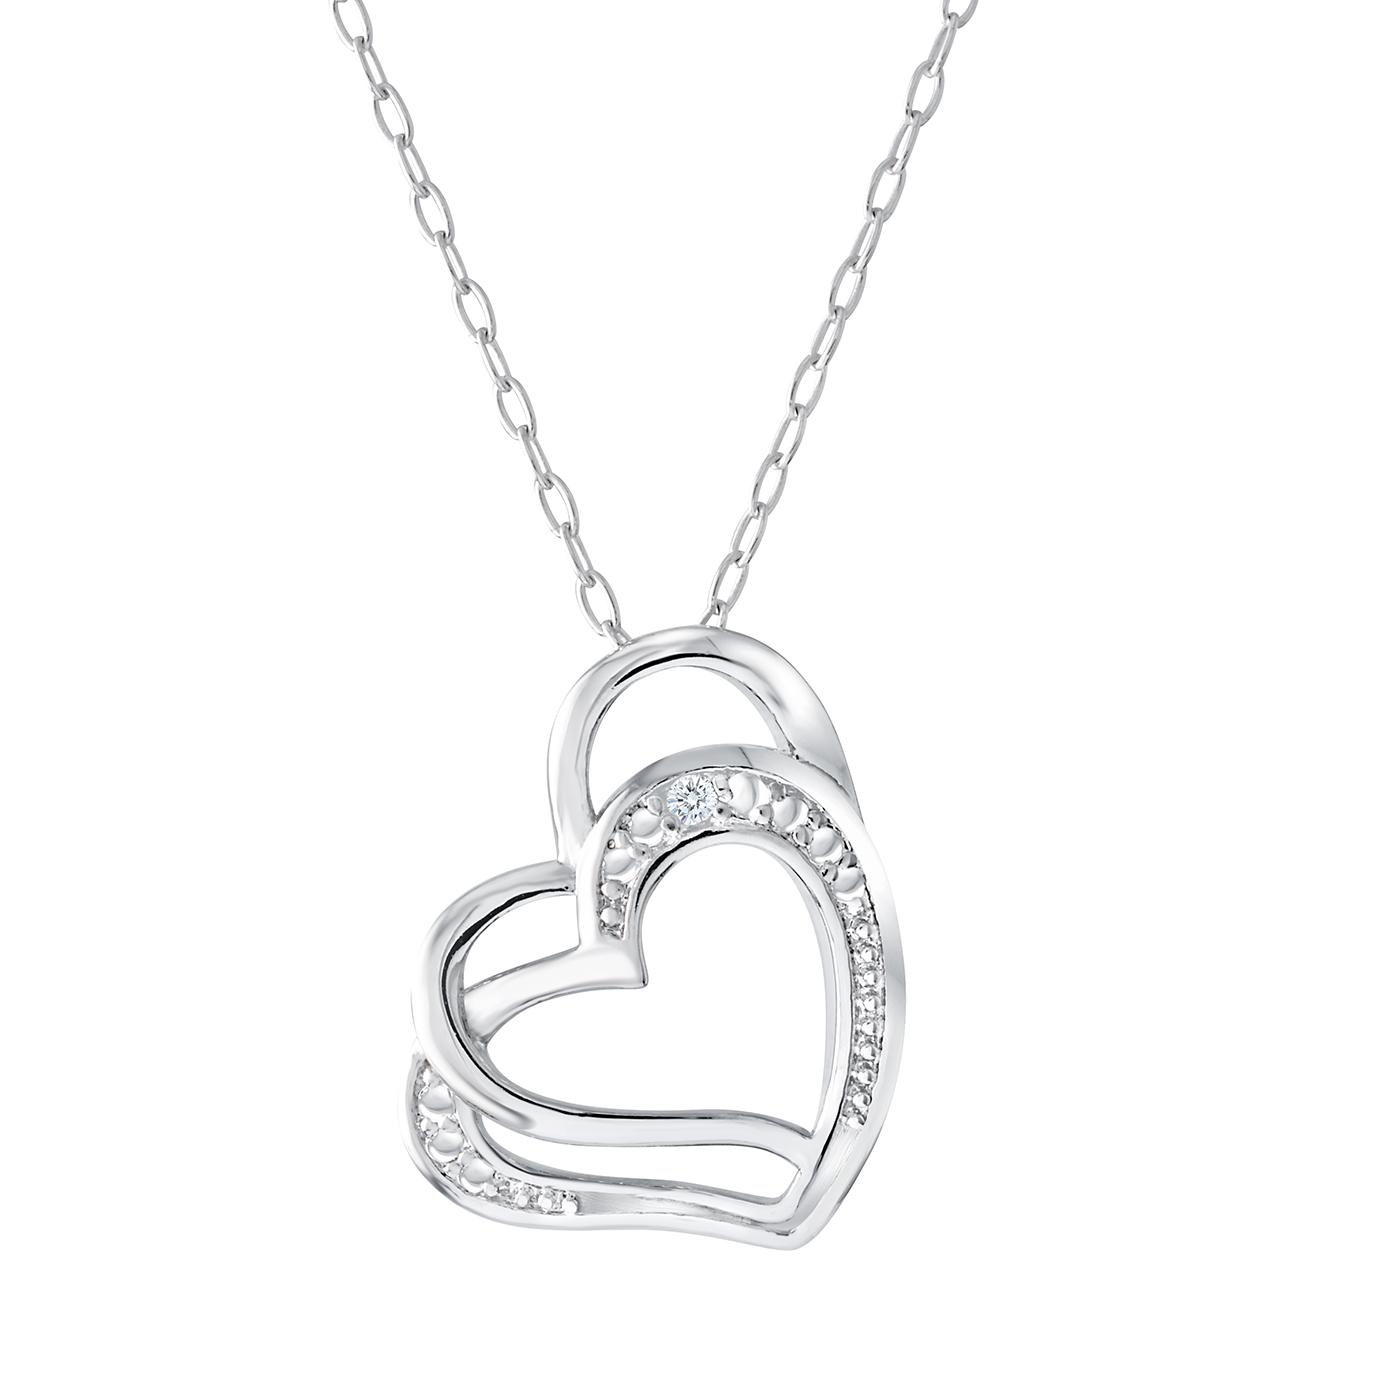 Pendentif double coeur en argent sterling sertis d'une touche de diamant - chaîne incluse